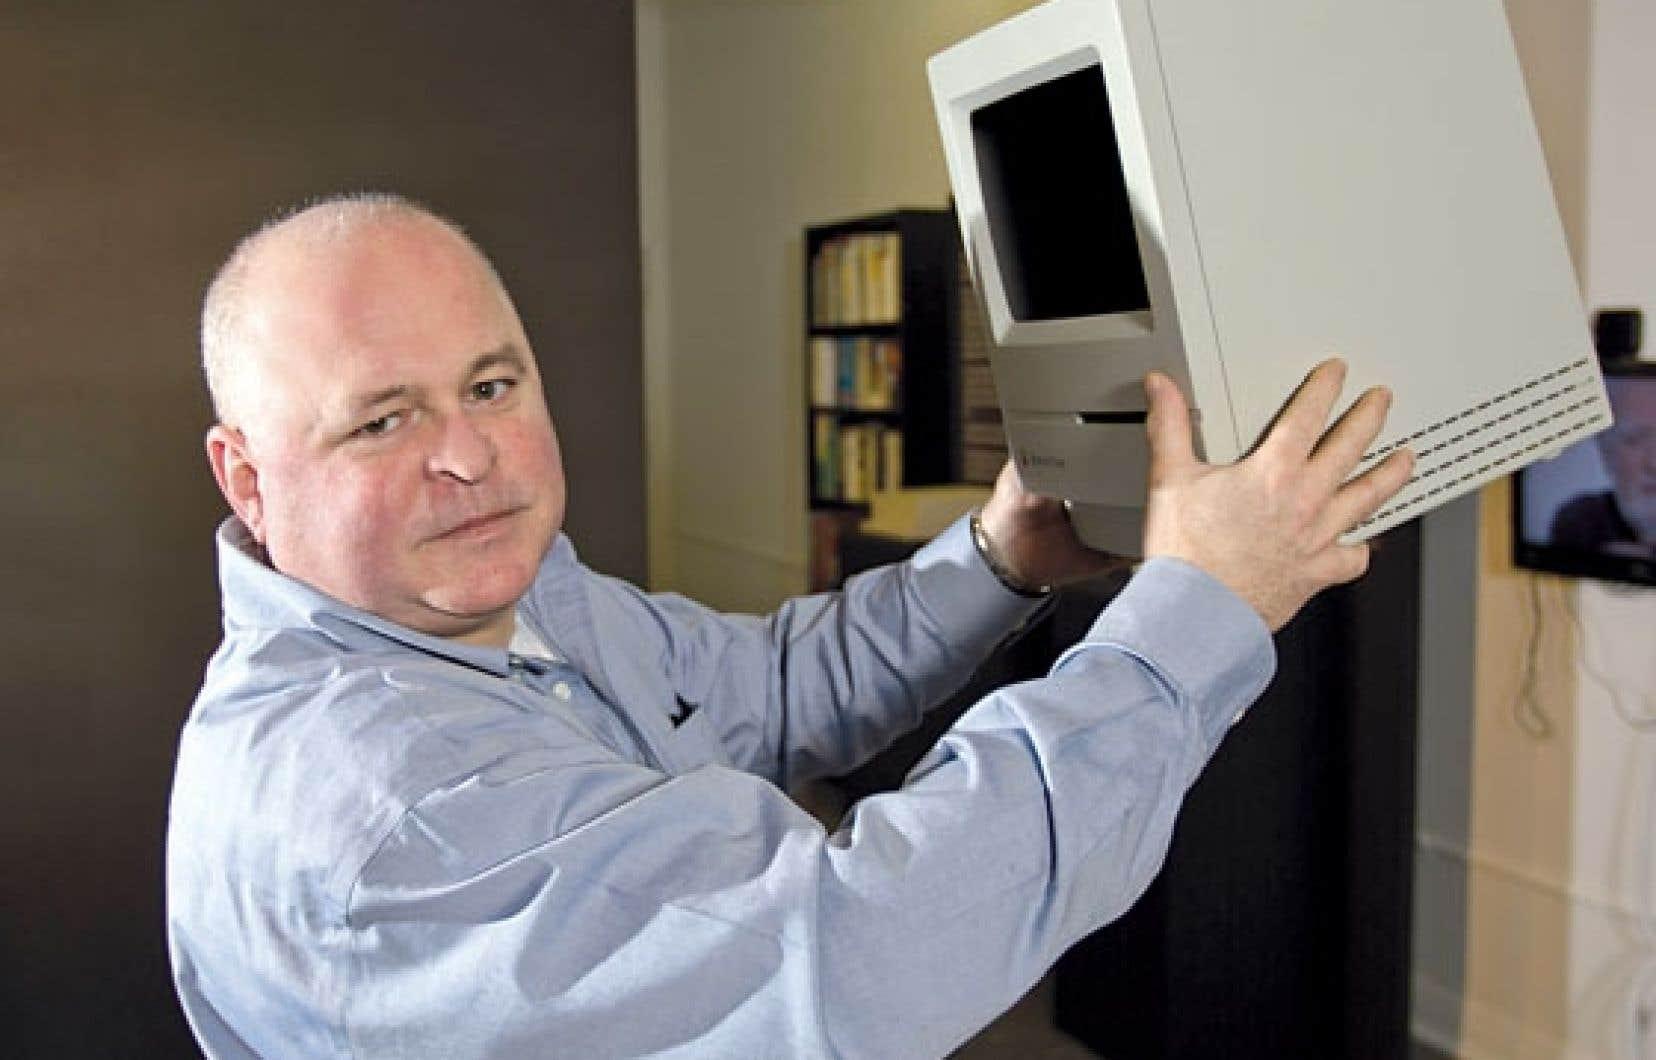 « Après San Francisco, si une autre ville mérite de faire vivre un musée de l'informatique », c'est bien Montréal, estime Marc-André Léger, conservateur de l'iMusée.